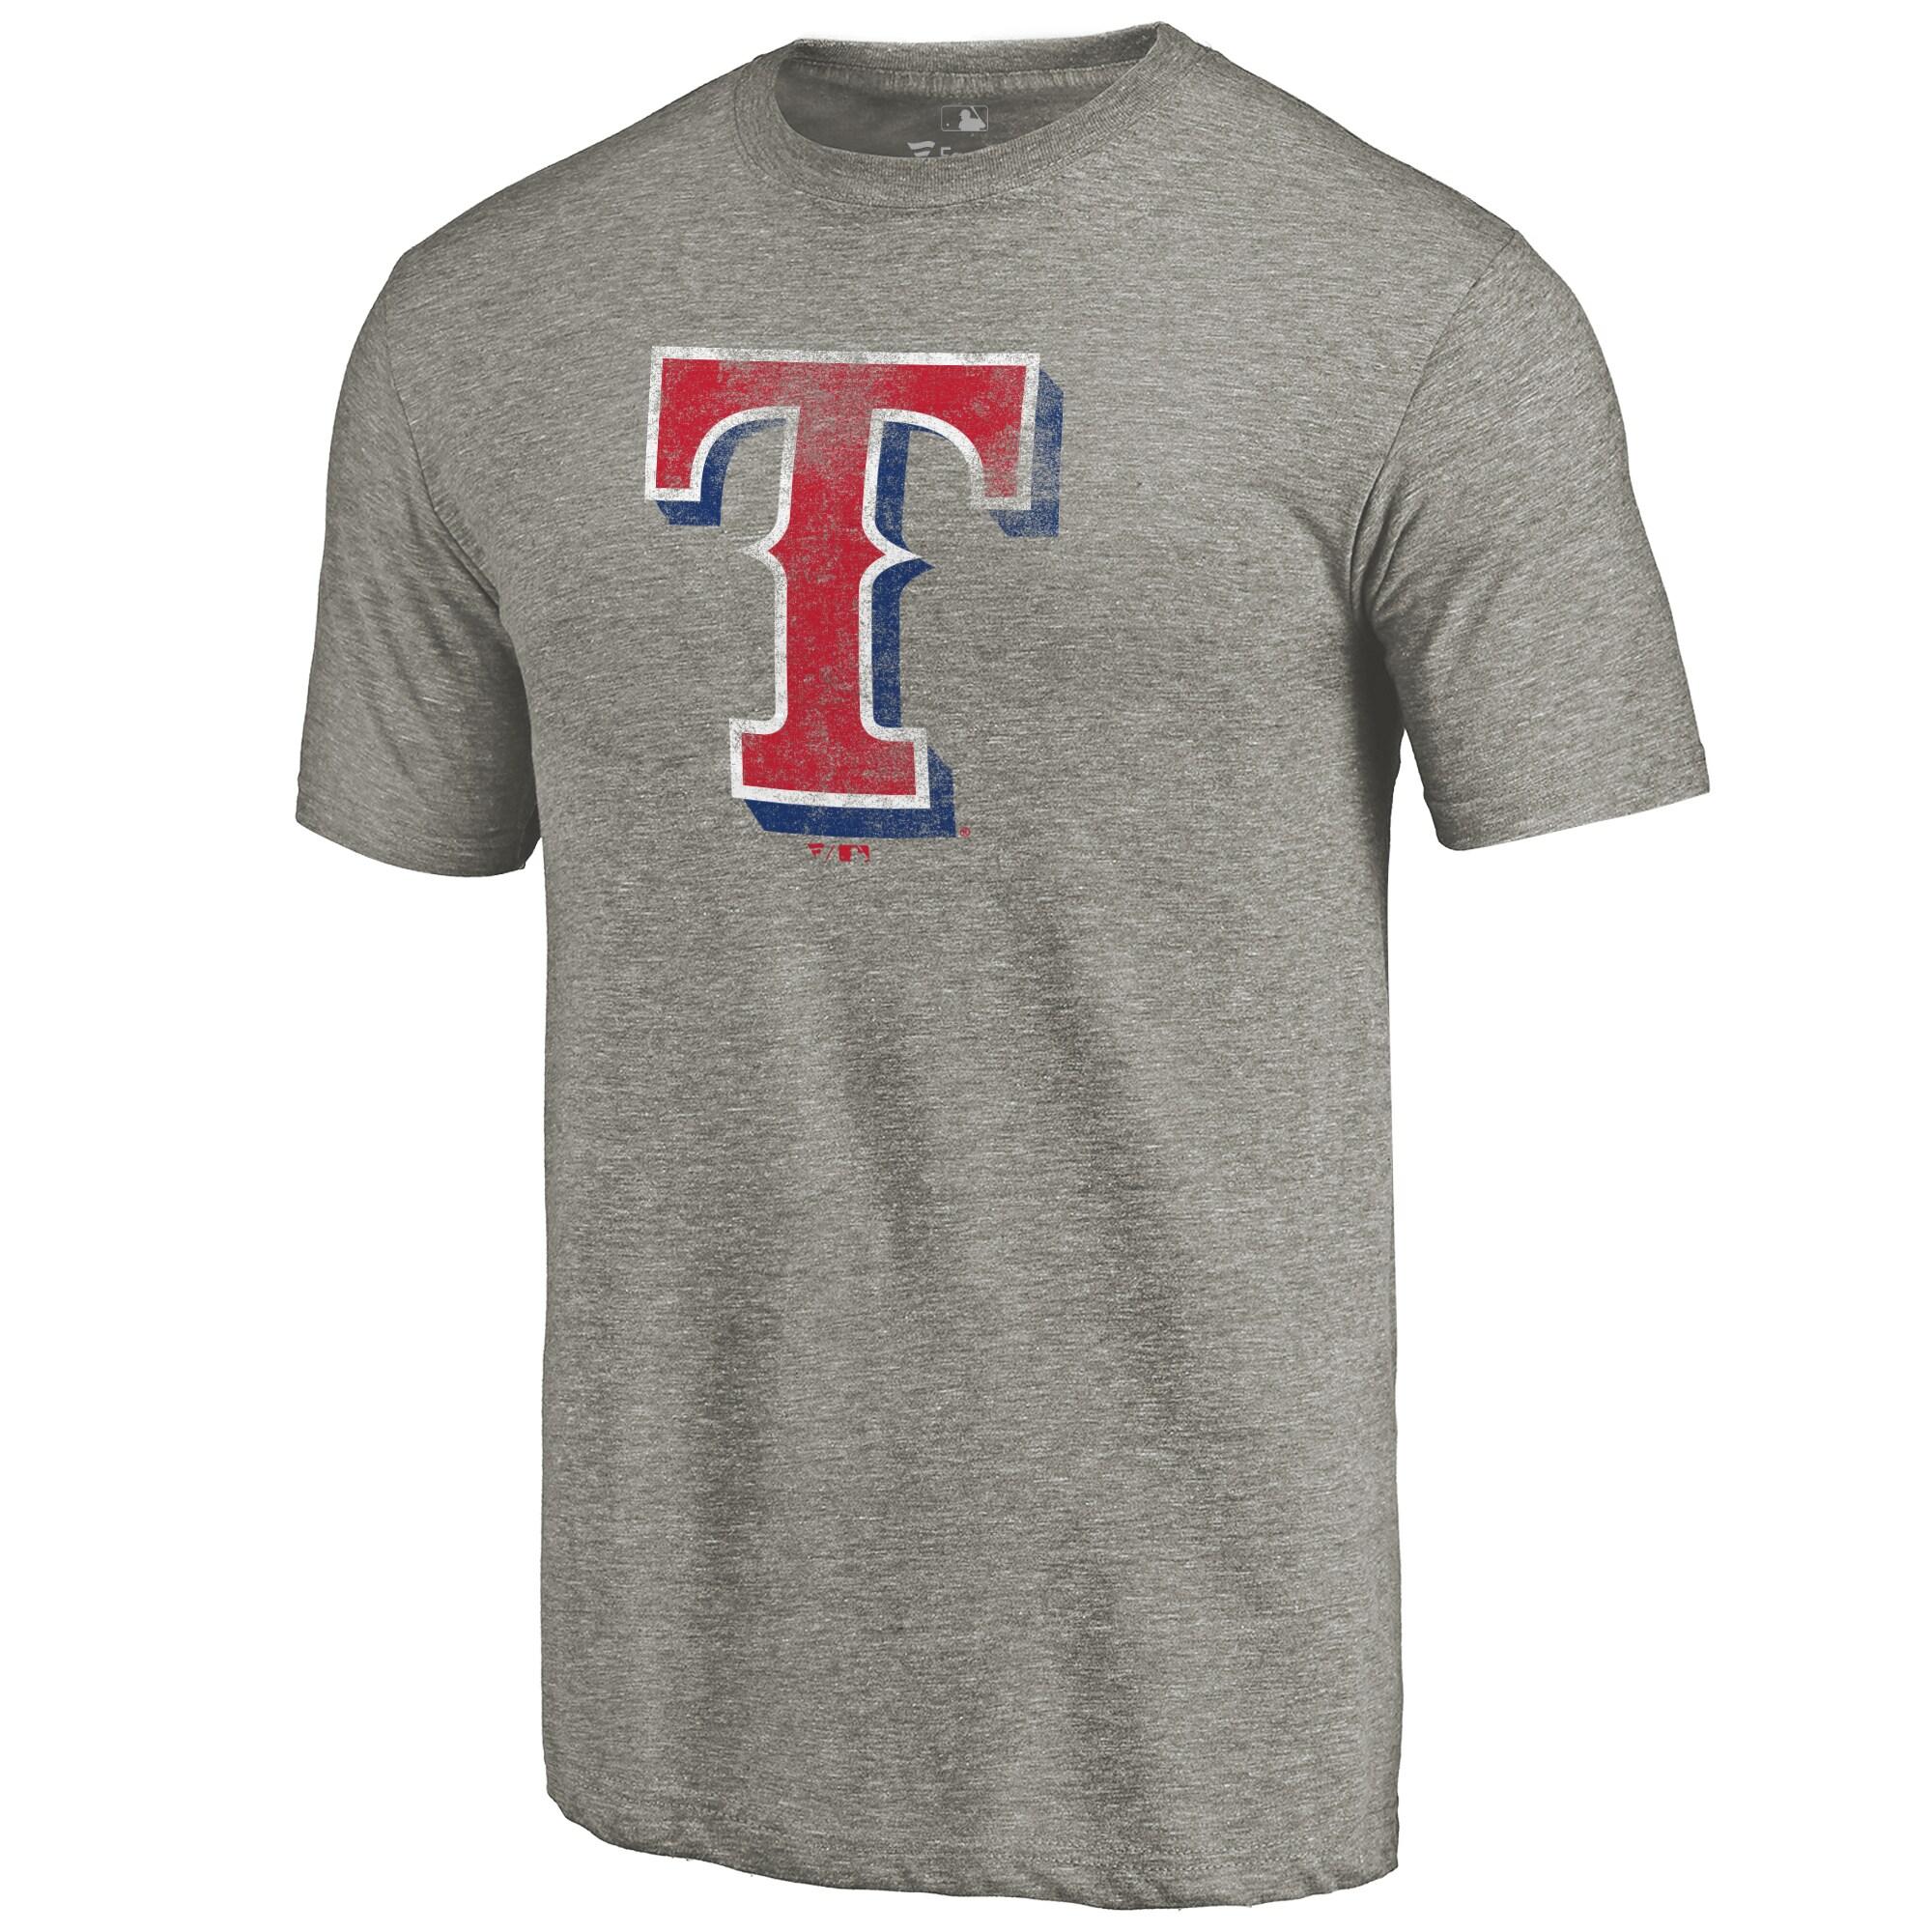 Texas Rangers Distressed Team Tri-Blend T-Shirt - Ash